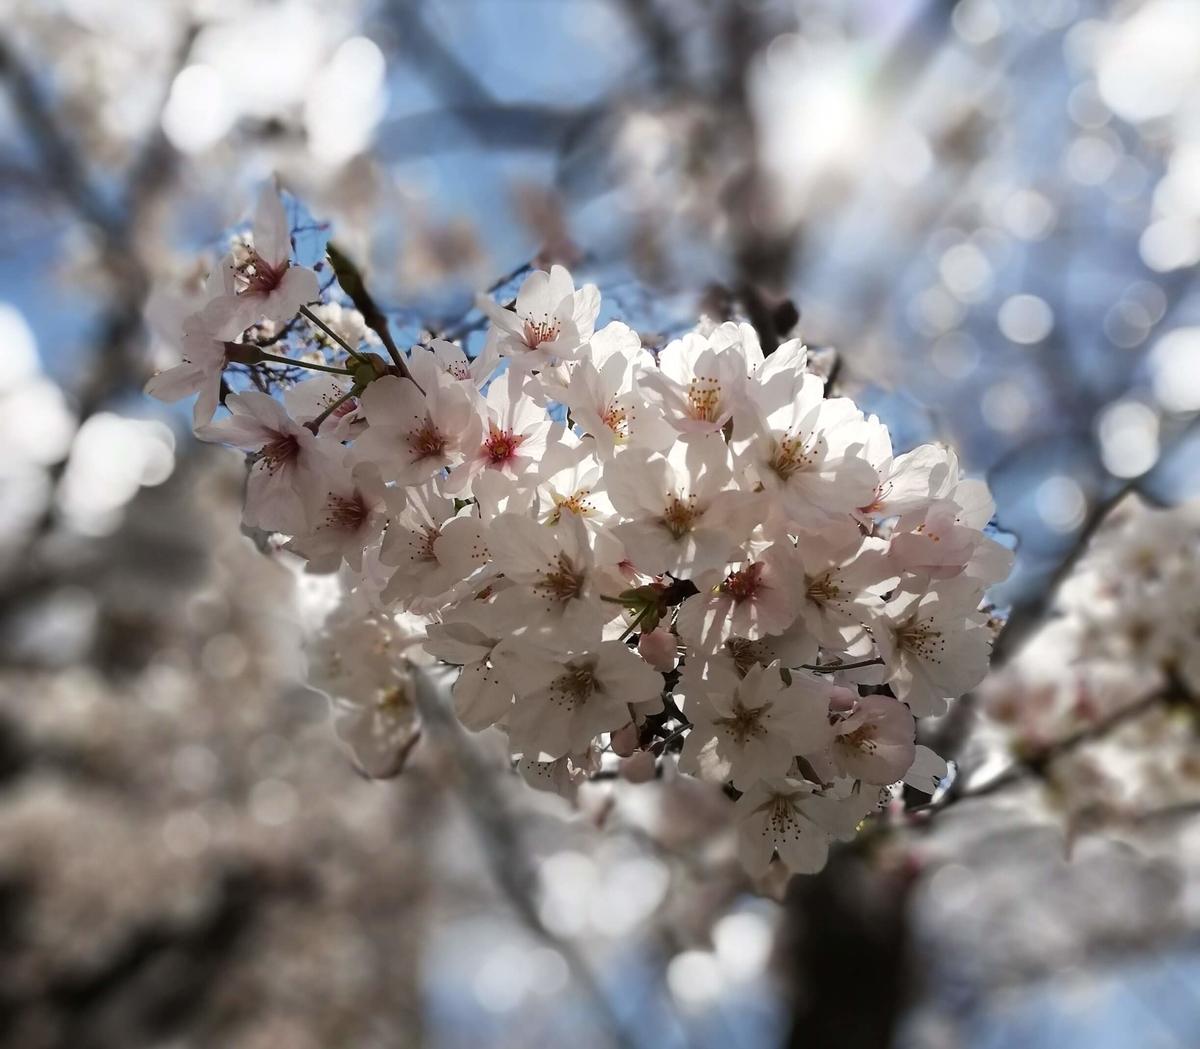 愛知県内でペットと遊ぶ:黒川桜まつり 桜を接写